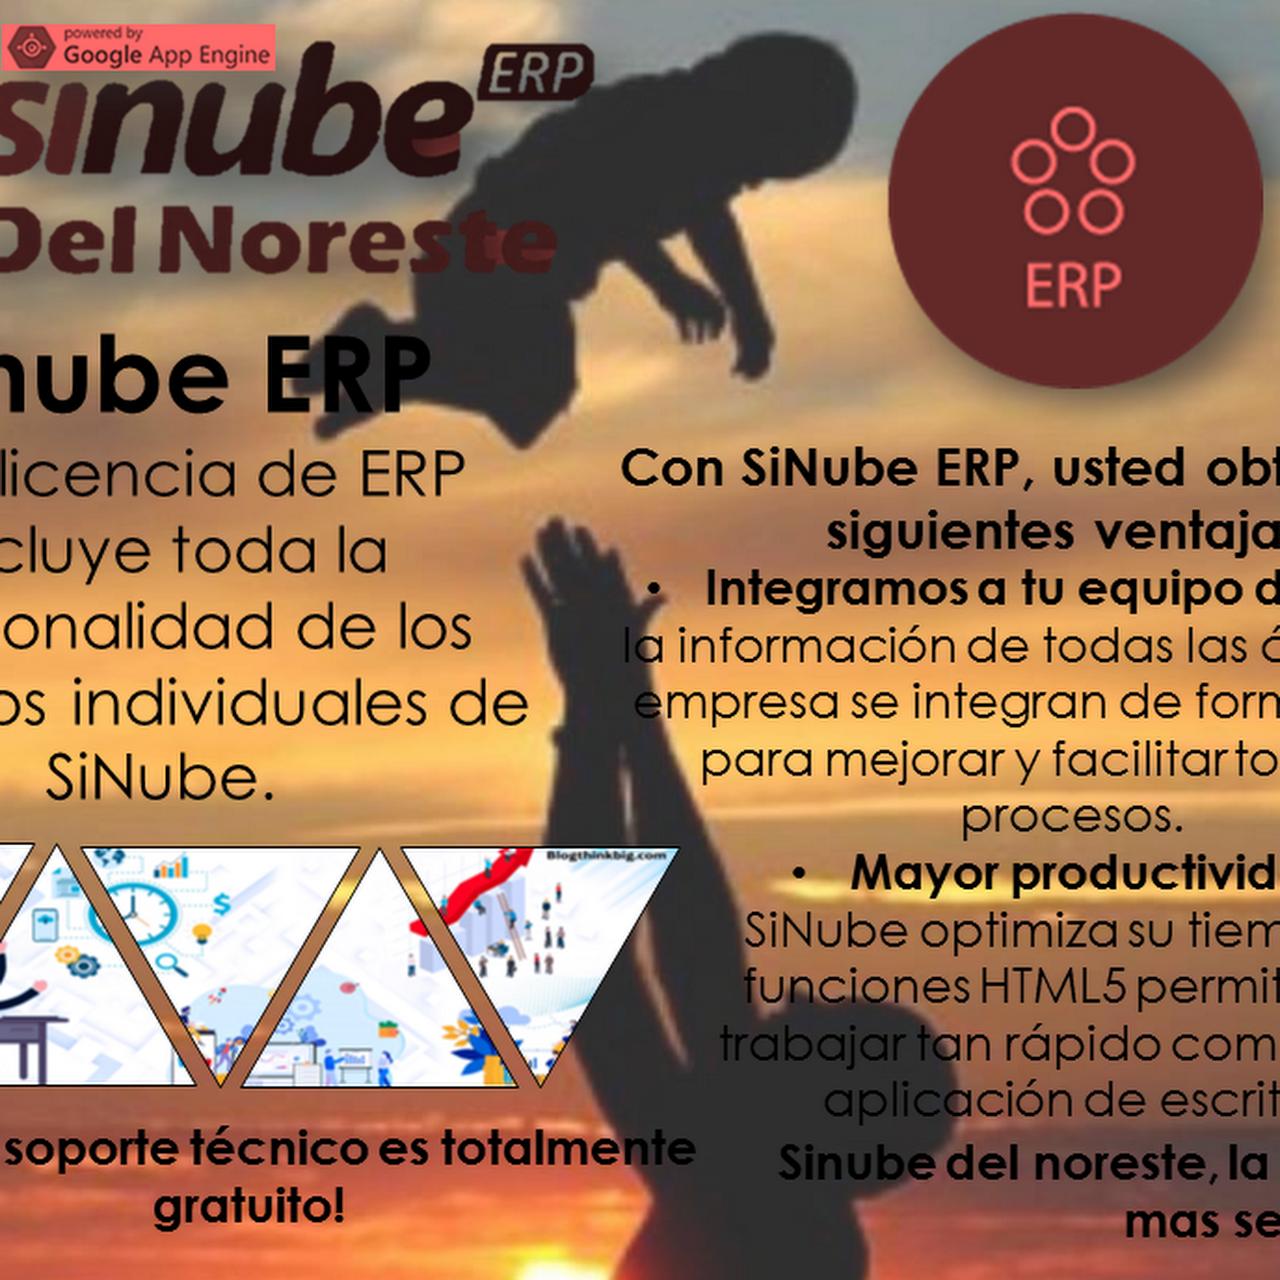 Sinube Del Noreste Asesor En Administracion De Empresas En Guadalupe